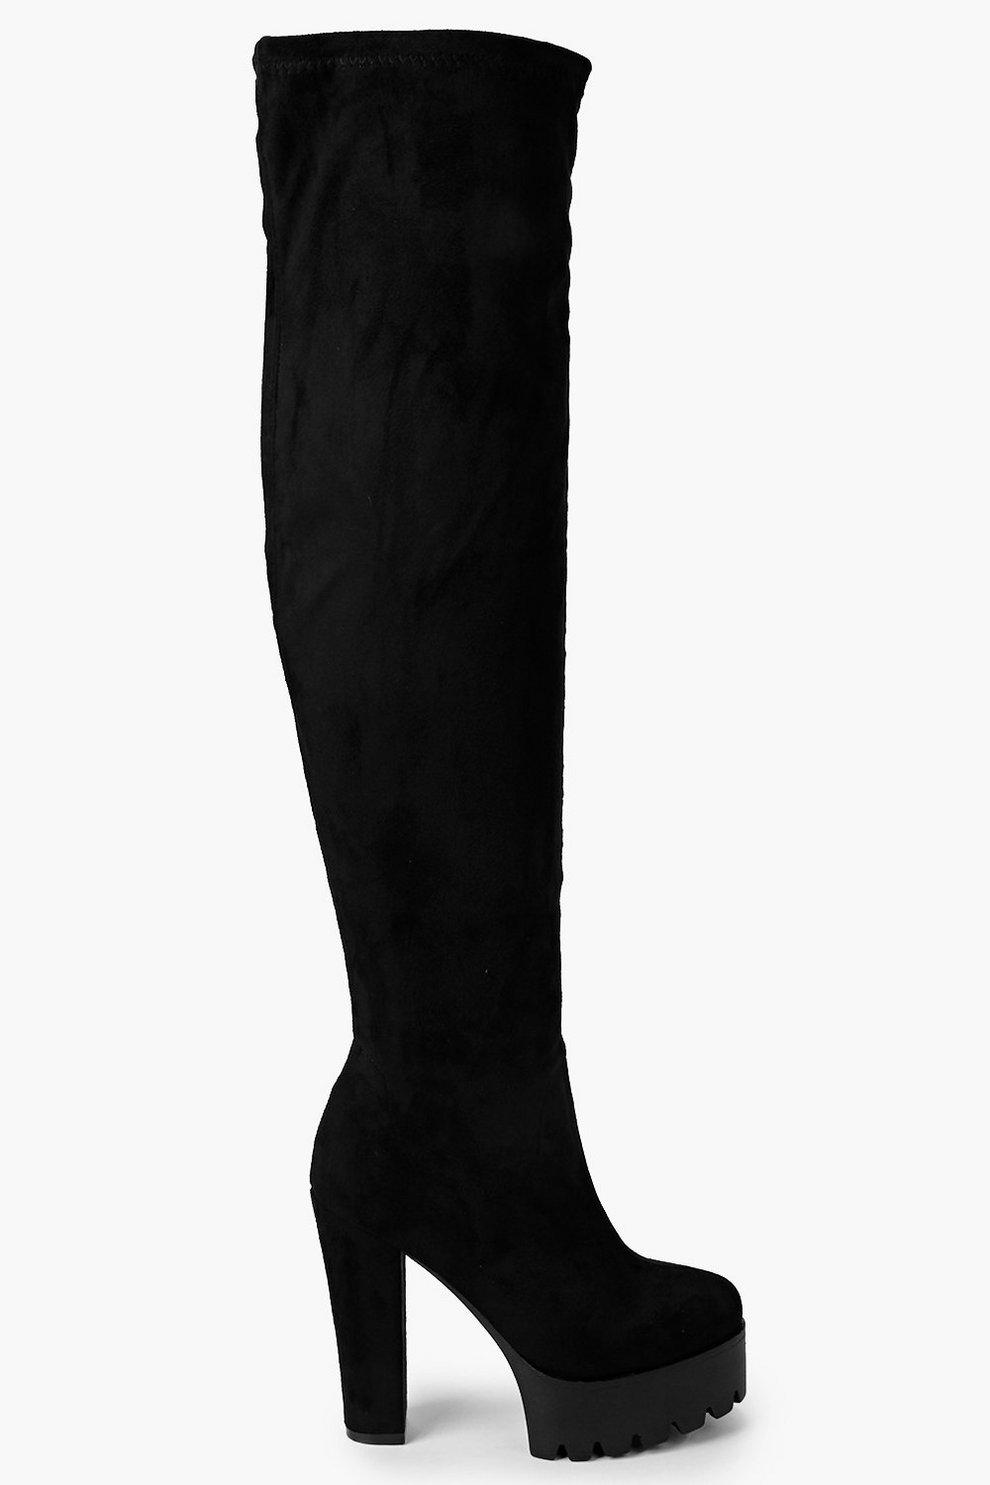 comprare on line 7eee2 2bb42 Scarpe con plateau e suola a carrarmato stivali alti alla coscia